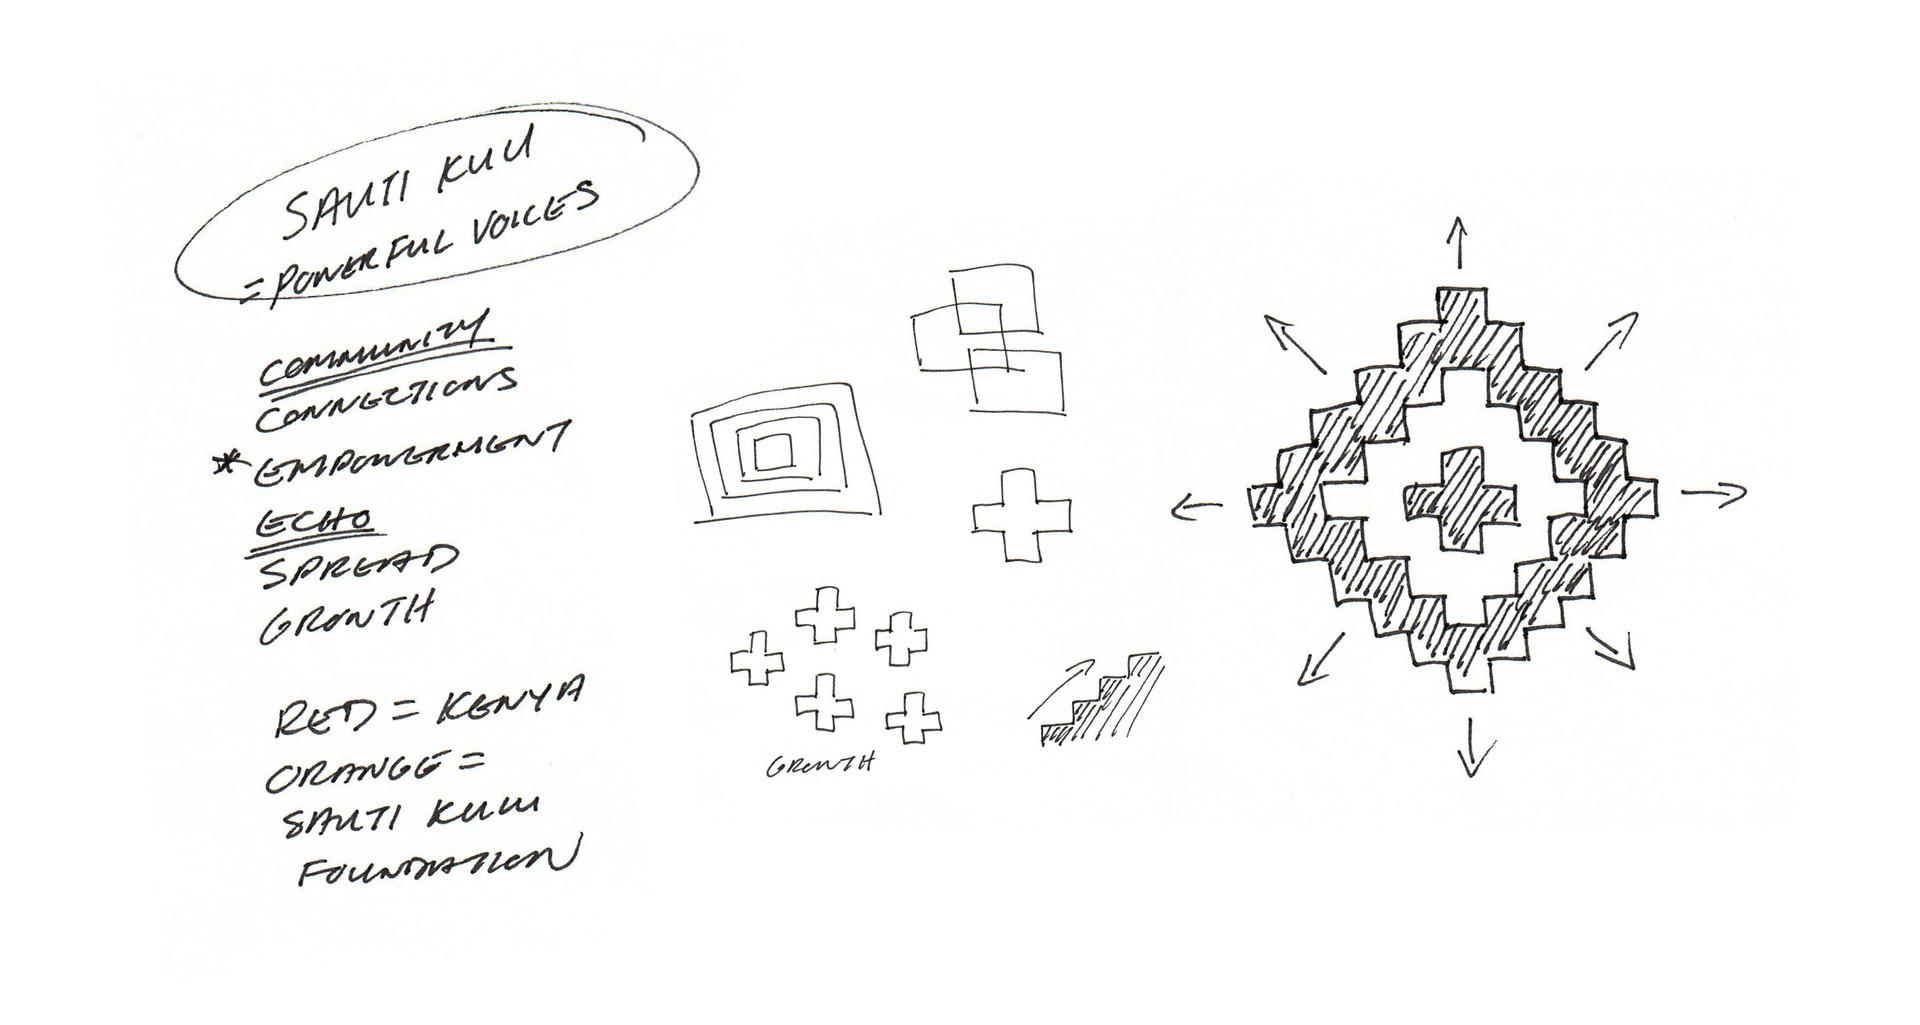 01 sketch.jpg